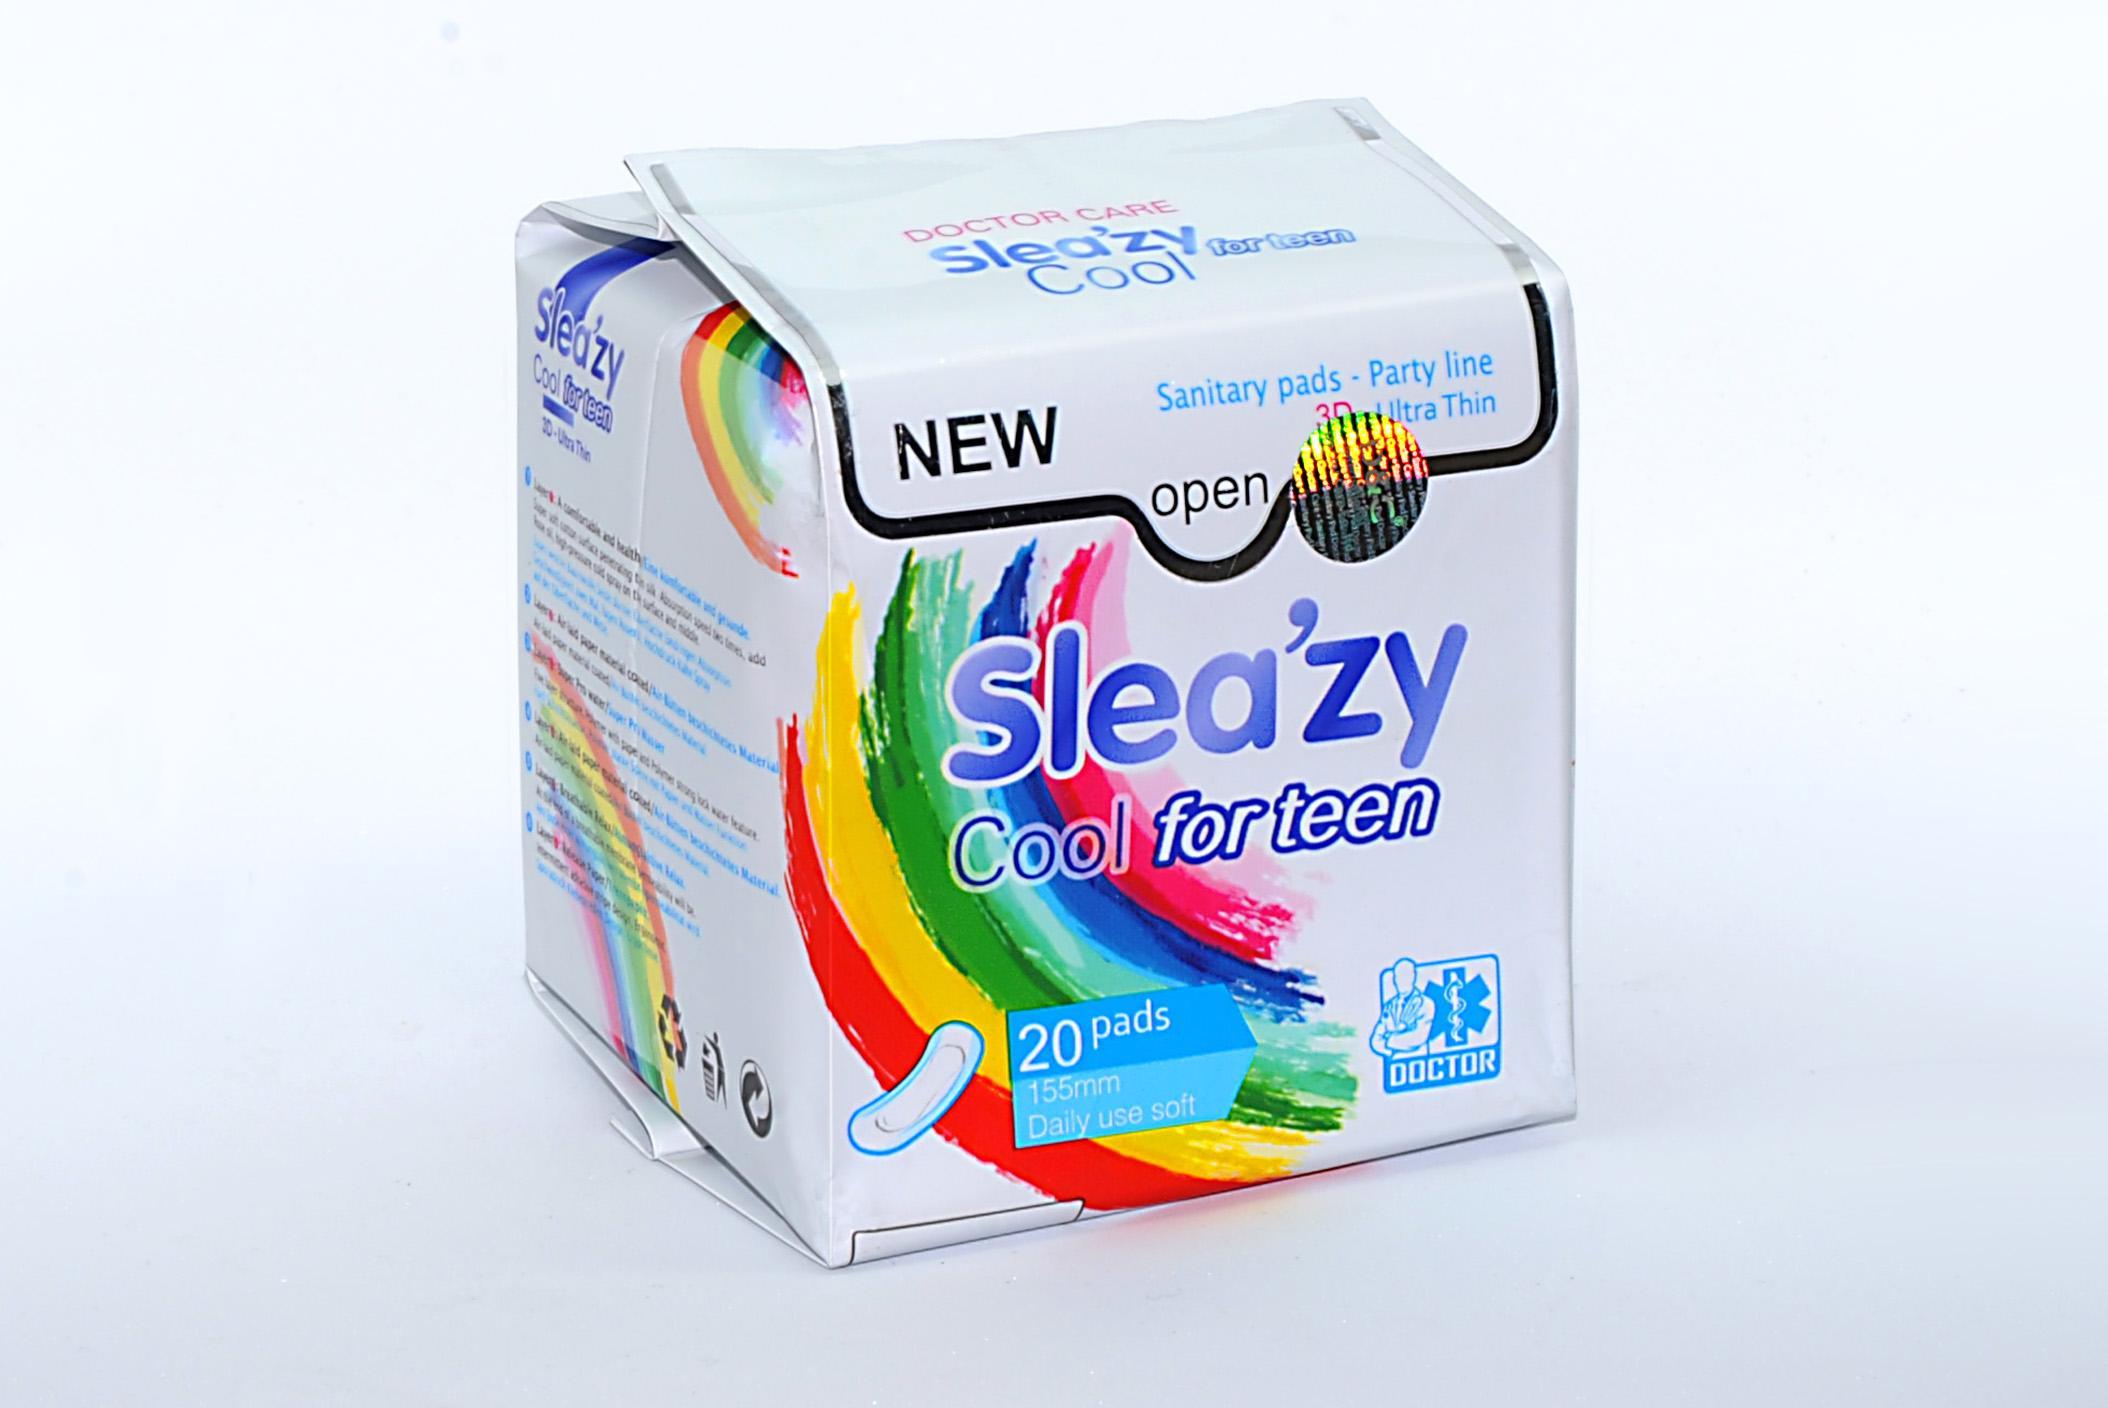 Doctor Care/ Băng vệ sinh thảo dược SleaZy Cool For Teen Hàng Ngày nhập khẩu